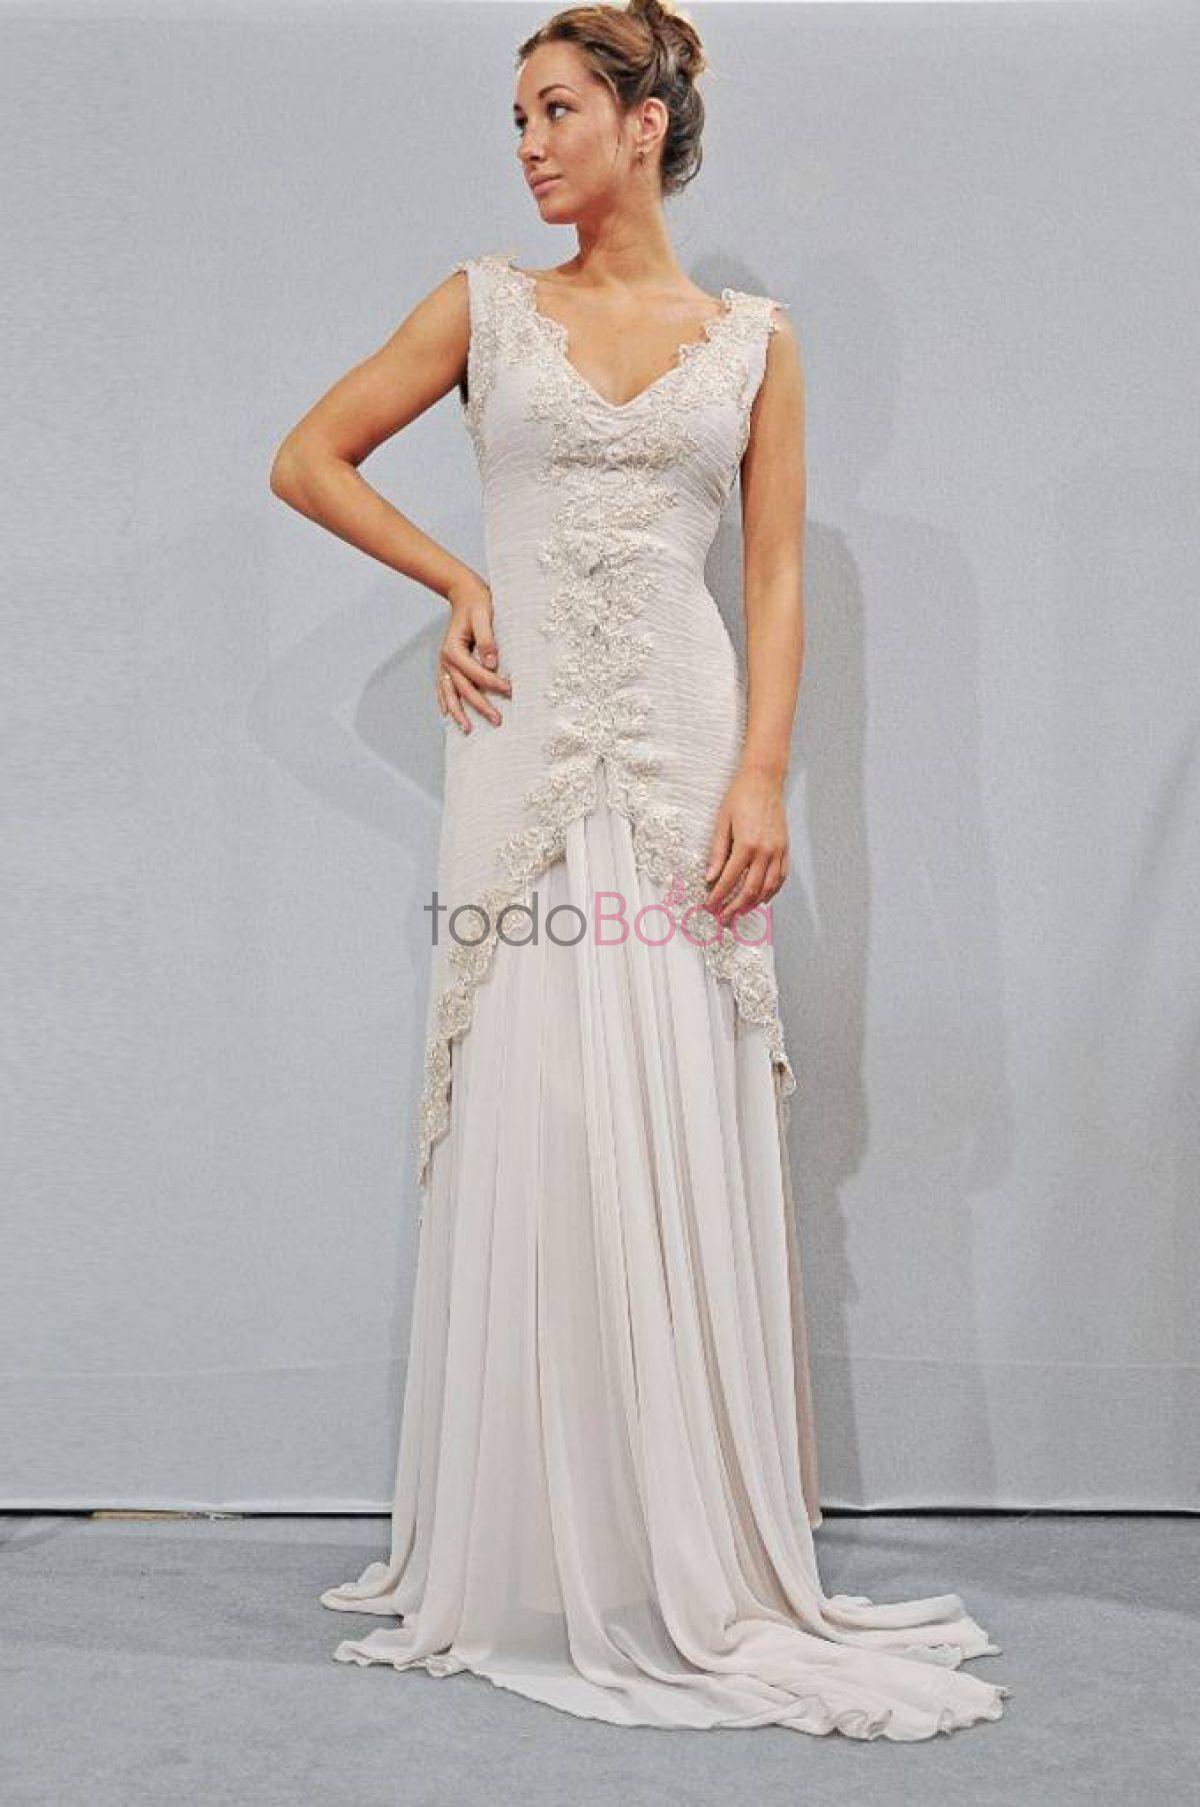 Tienda vestidos novia portugalete